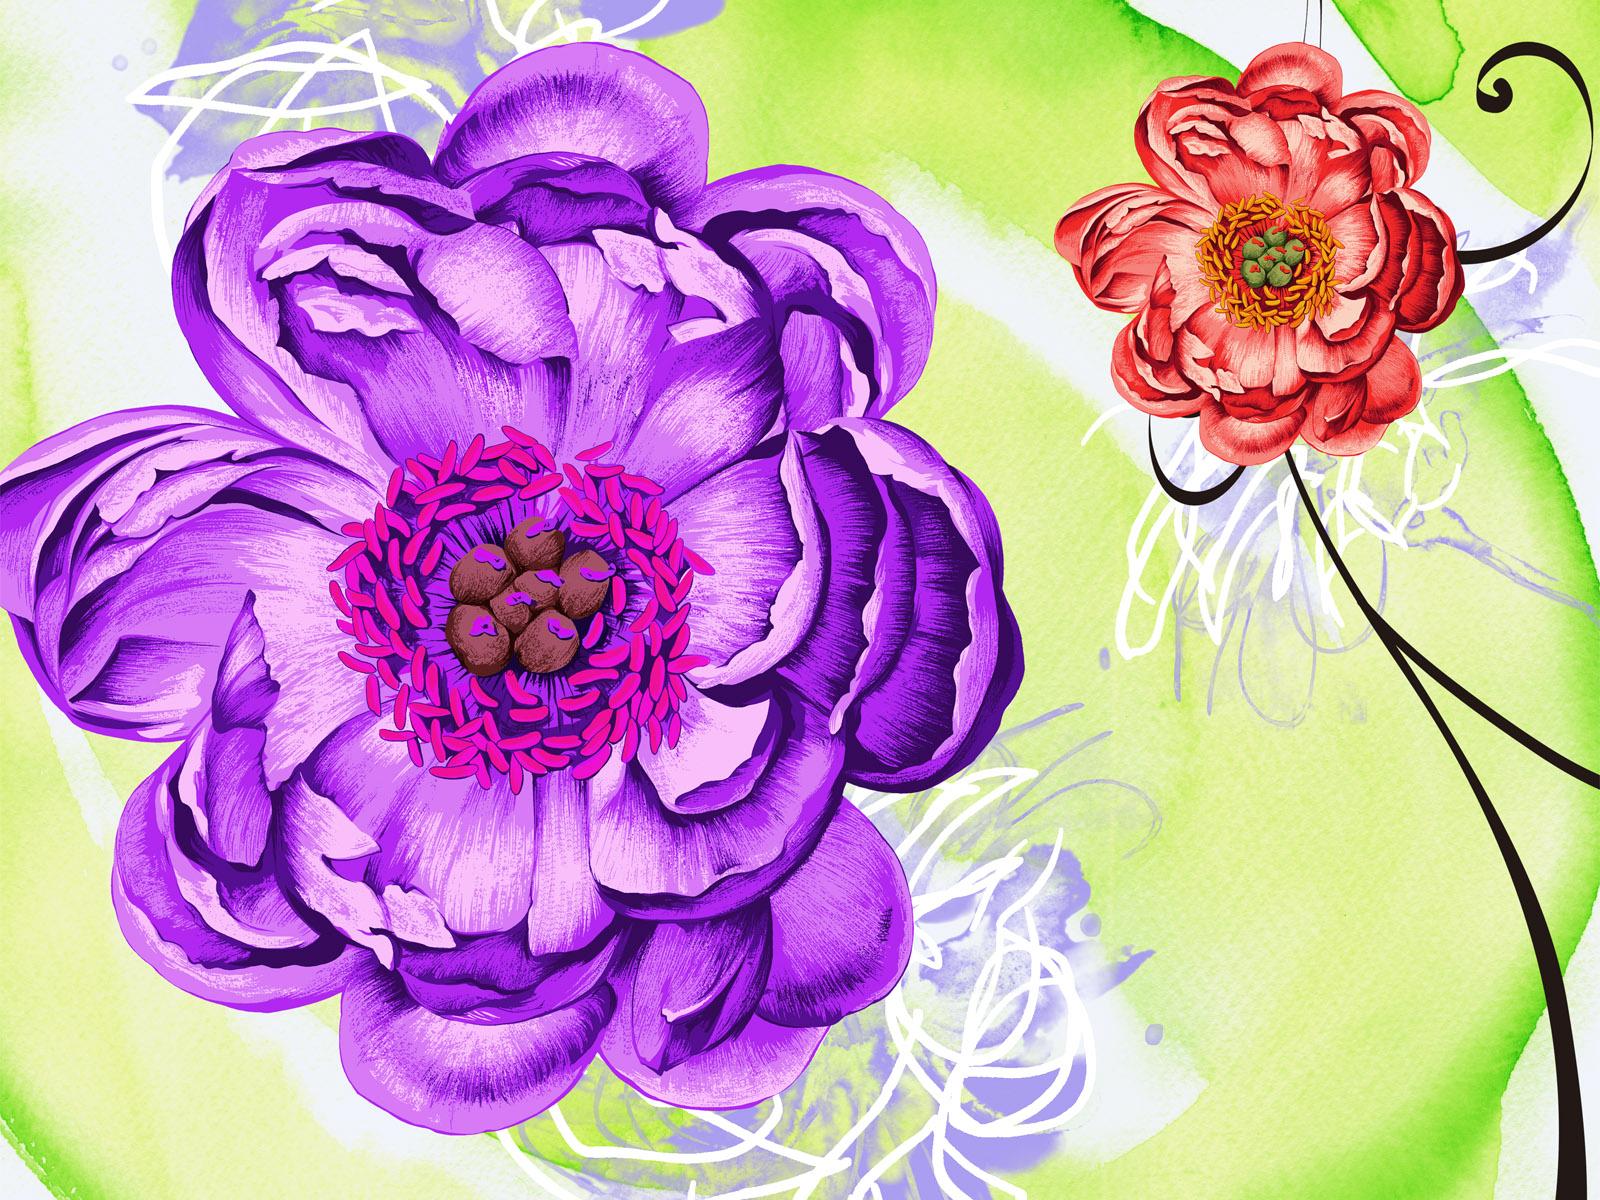 壁纸 花卉/合成花卉 高清壁纸